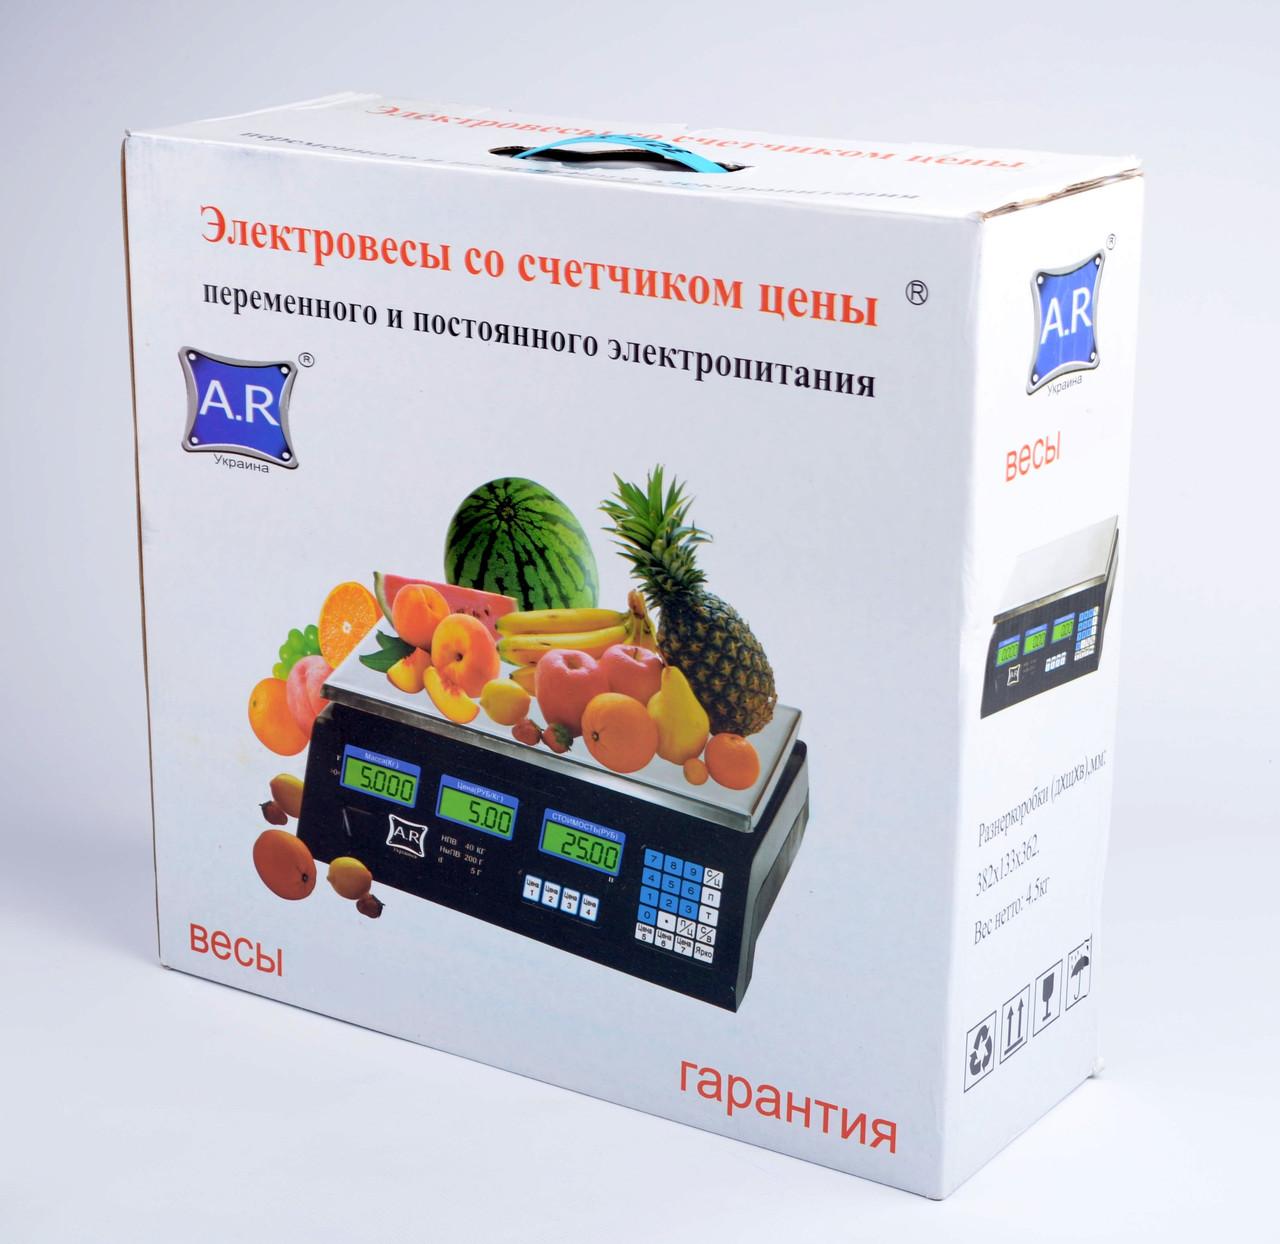 Ваги торгові електронні AR Україна на 50 кг 6V